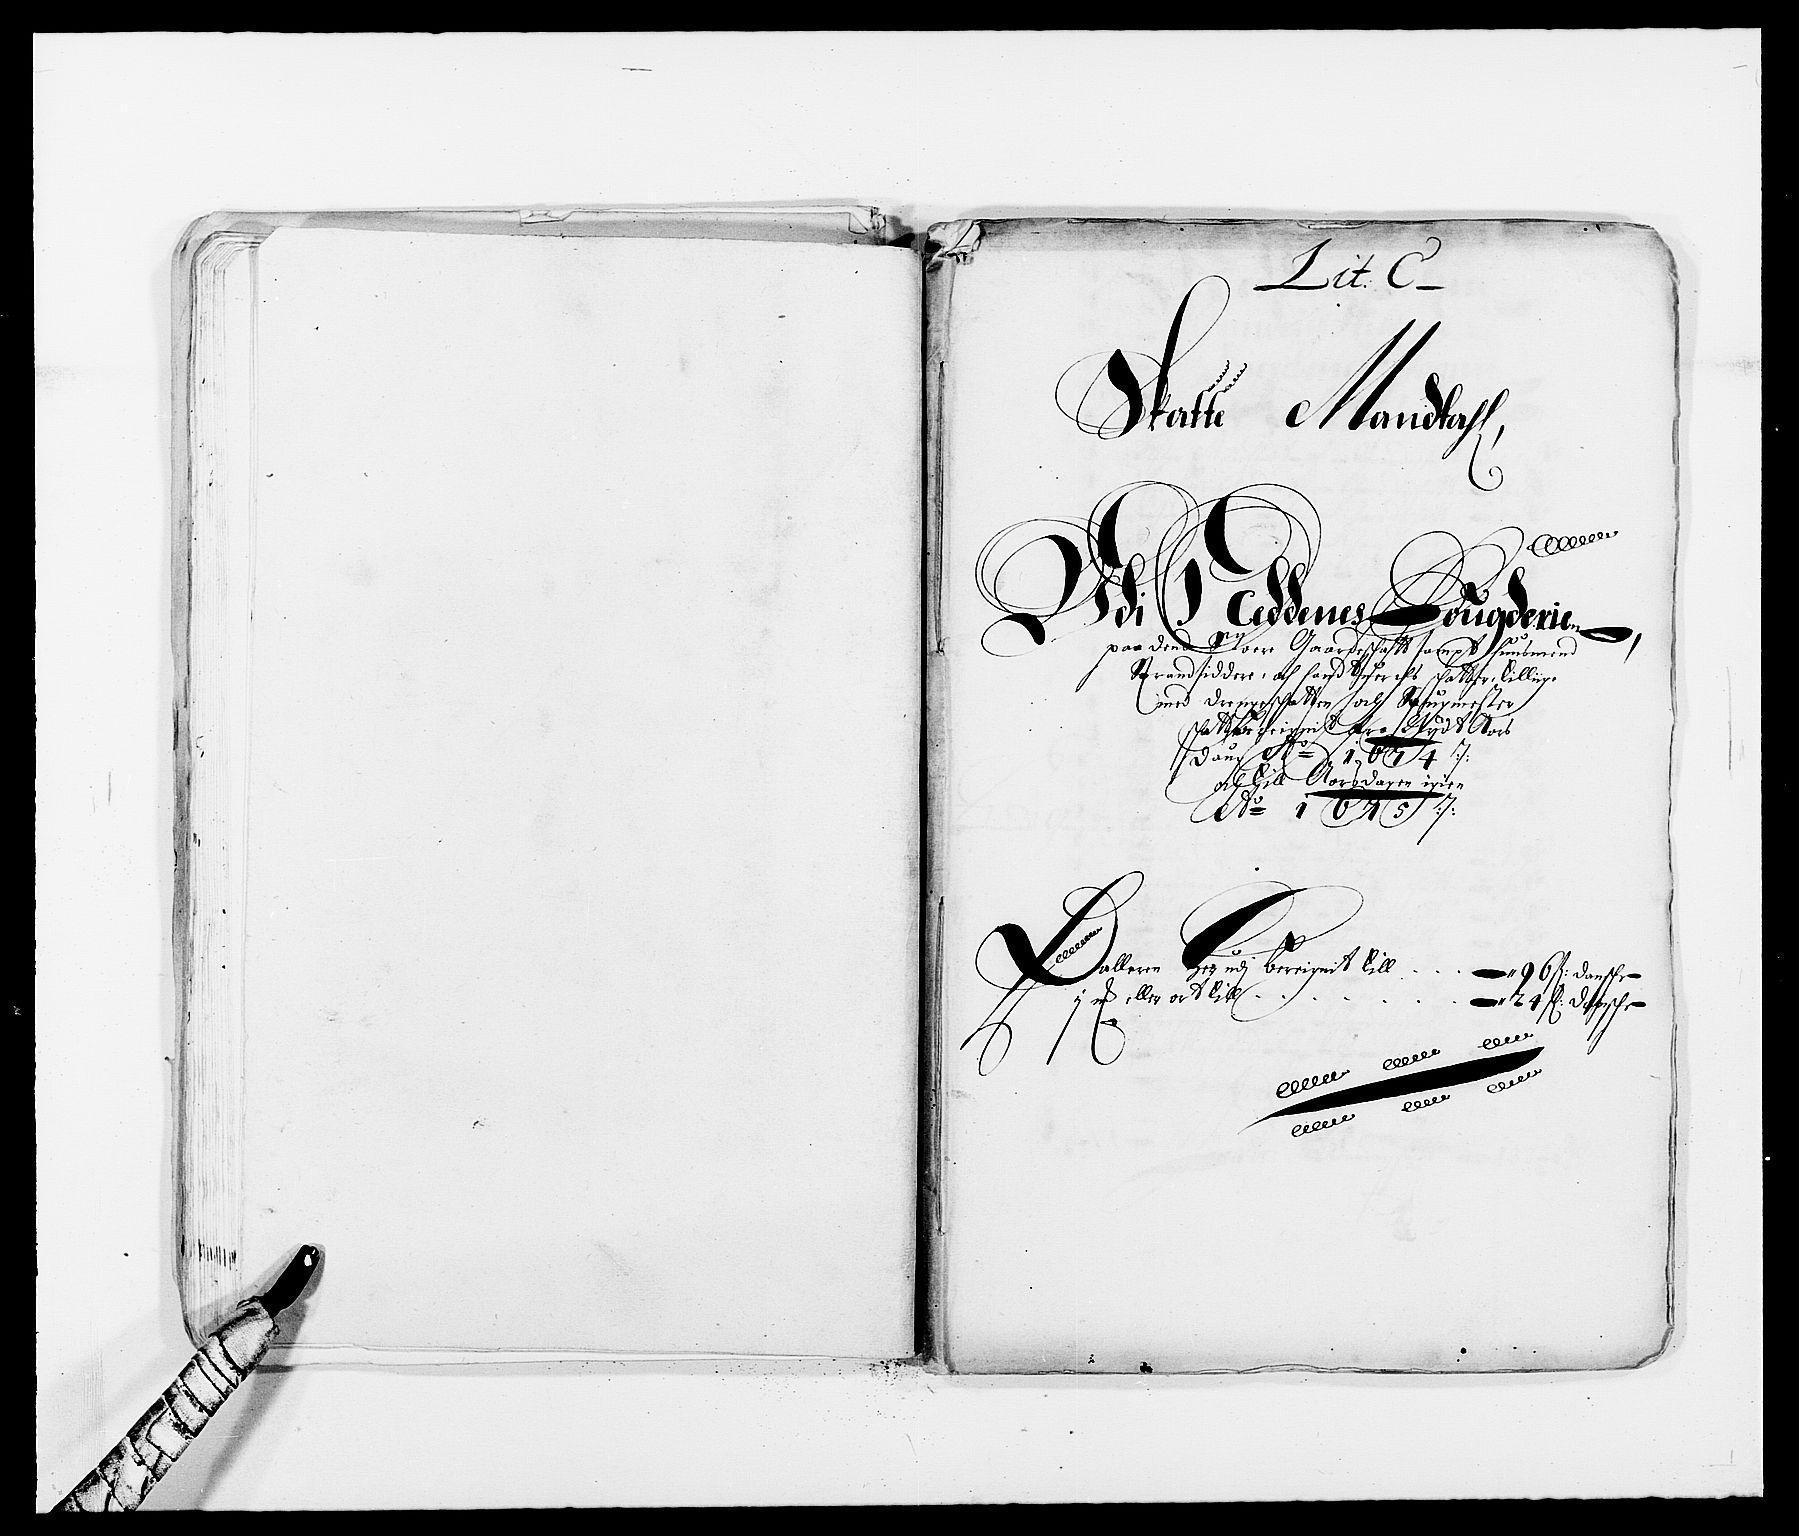 RA, Rentekammeret inntil 1814, Reviderte regnskaper, Fogderegnskap, R39/L2300: Fogderegnskap Nedenes, 1672-1674, s. 281